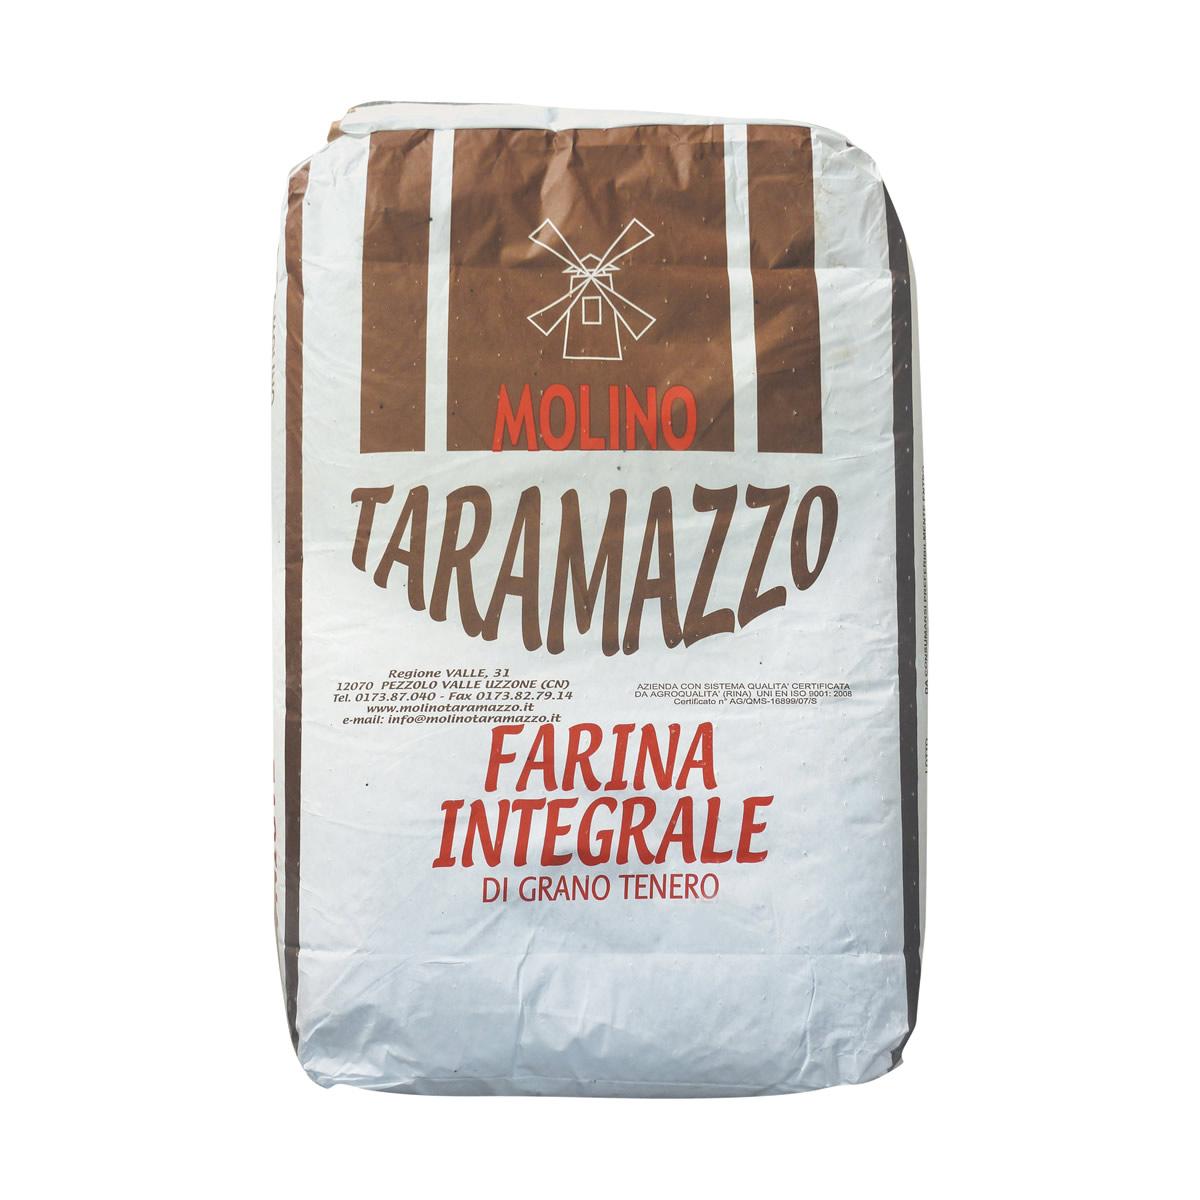 Farina integrale da 25 Kg.